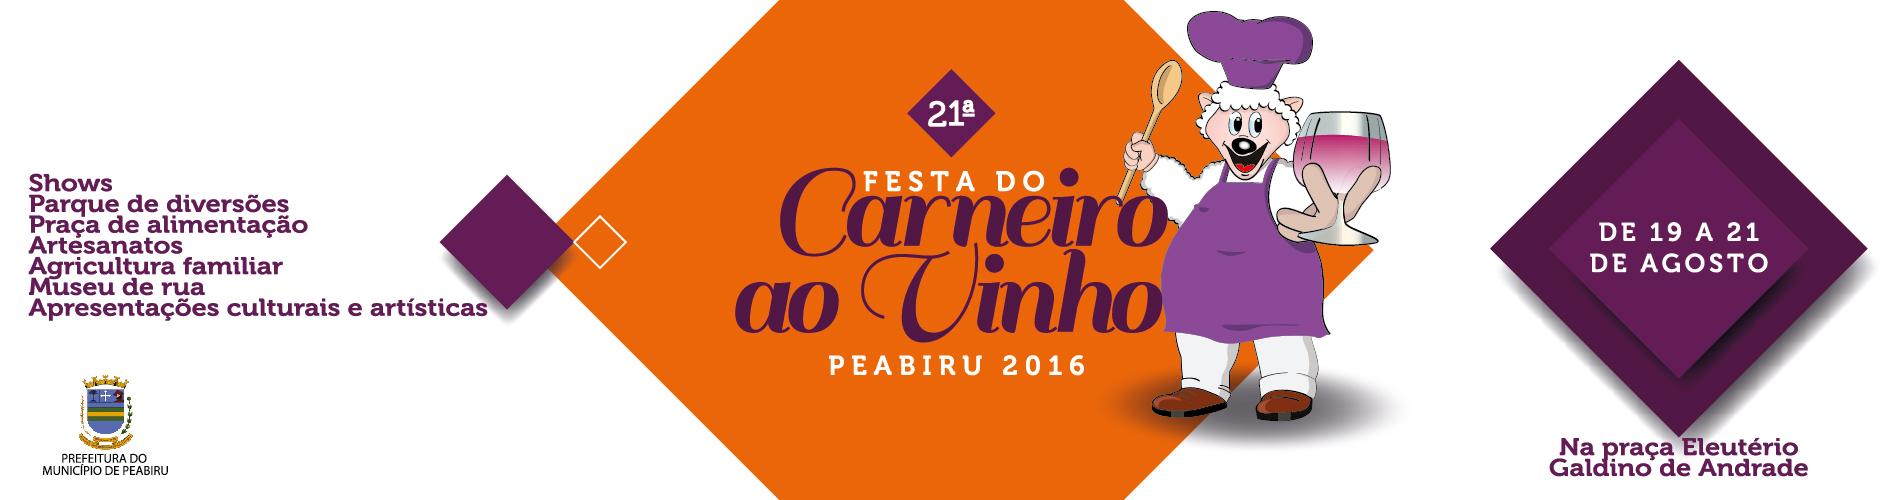 Festa do Carneiro ao Vinho